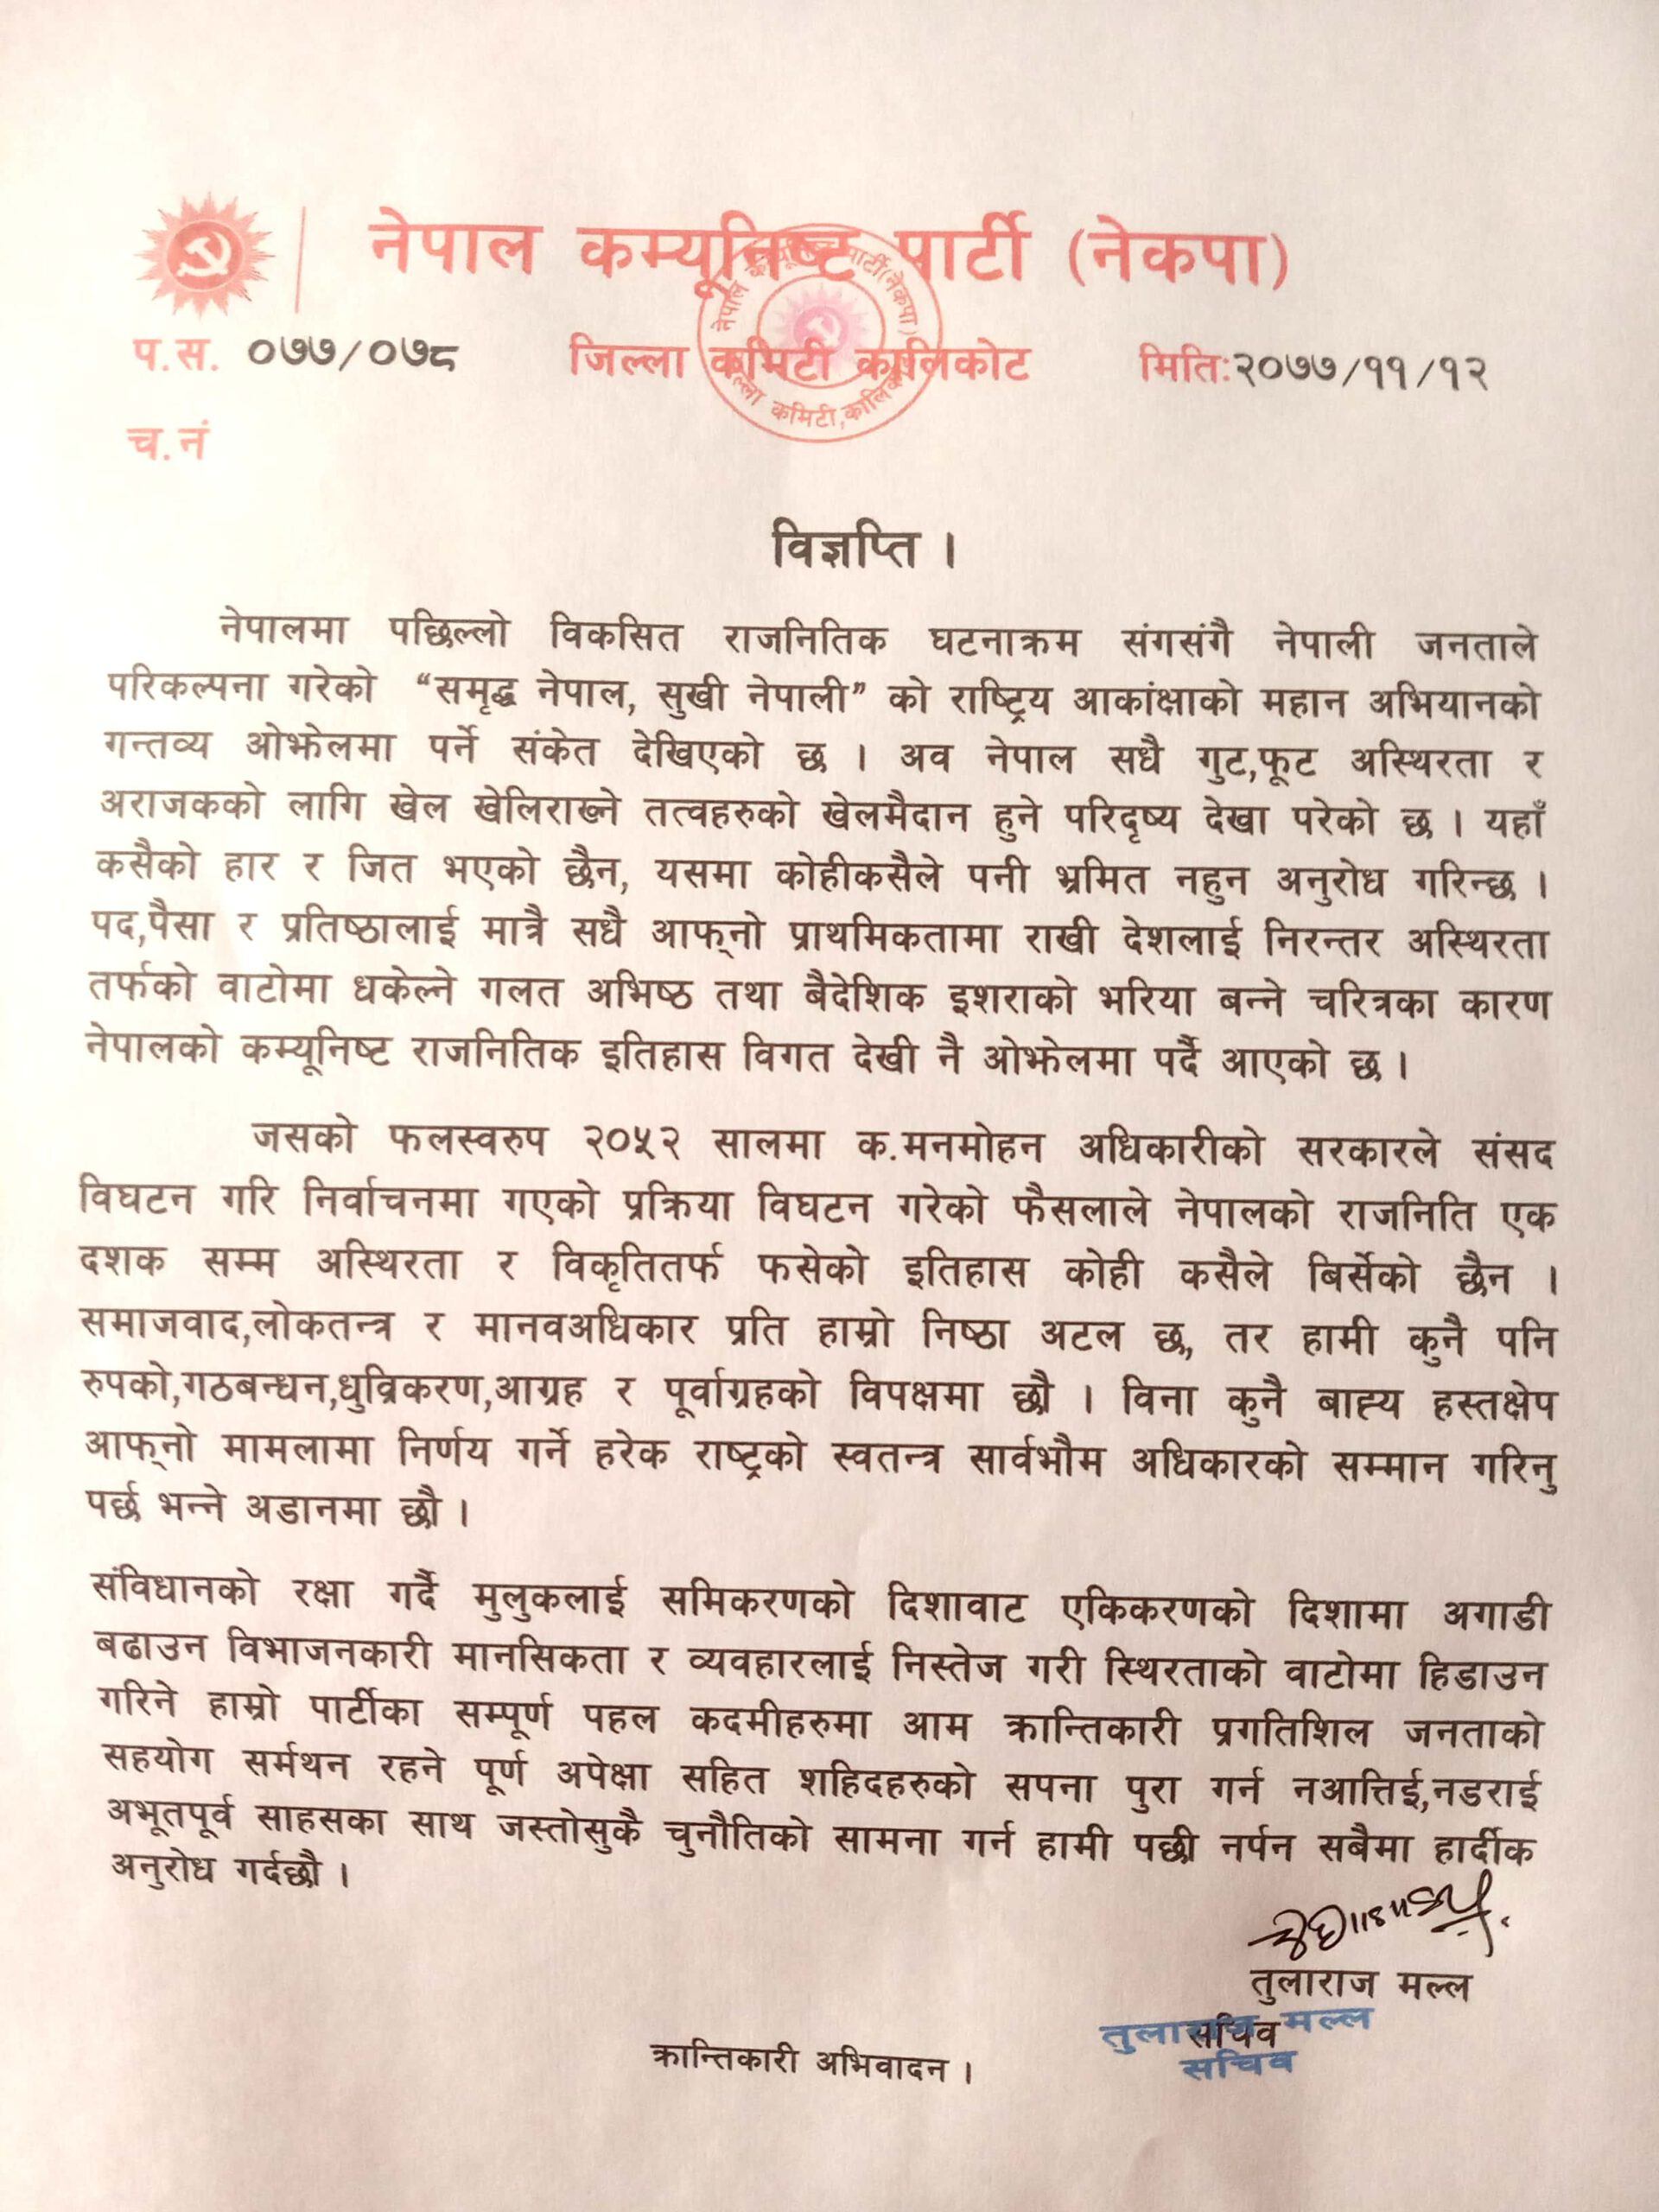 संसद पुनस्थापनावाट नागरिक भ्रमित नहुन नेकपा कालिकोटको आग्रह (विज्ञप्ति सहित)